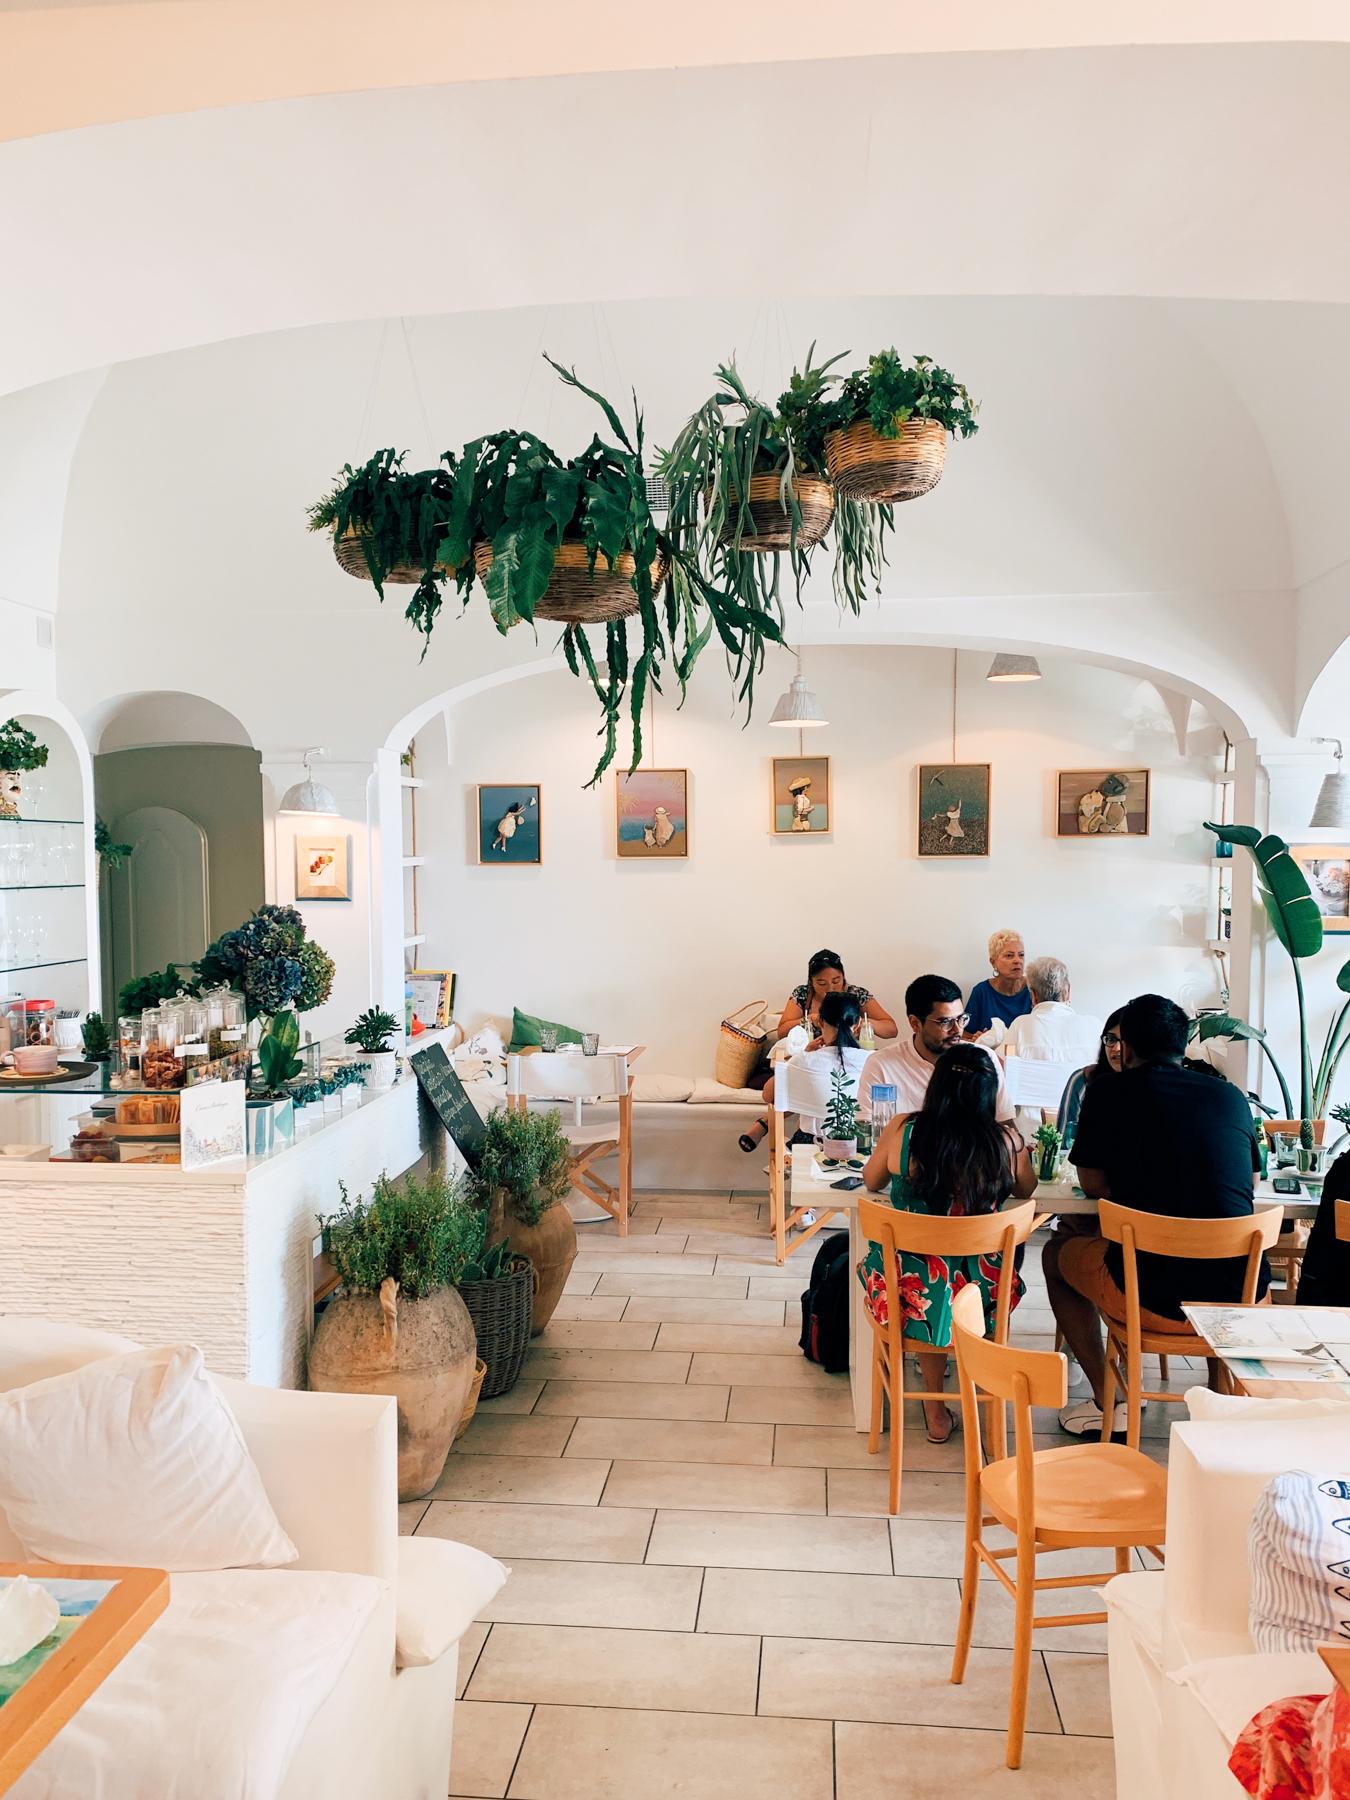 Casa e Bottega was beautiful inside and had delicious food